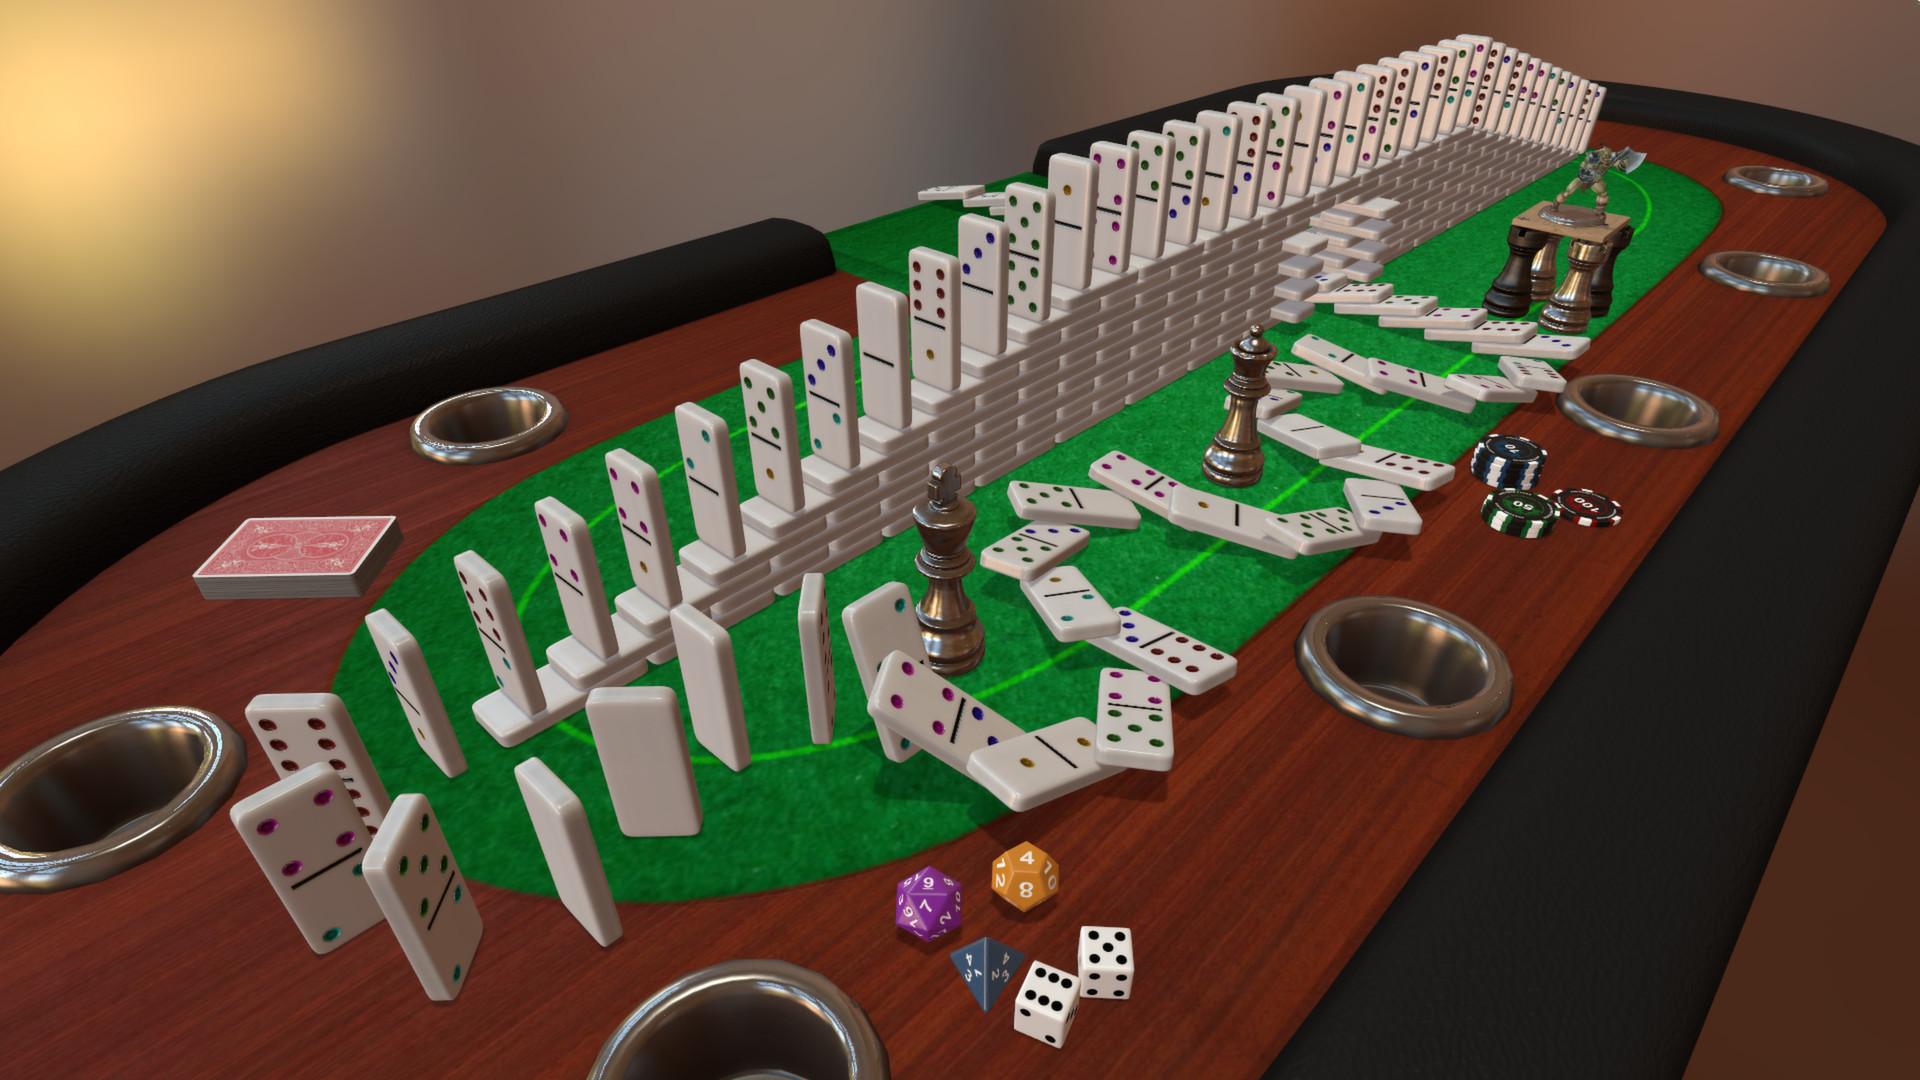 VRゲーム,Tabletop Simulator,イメージ